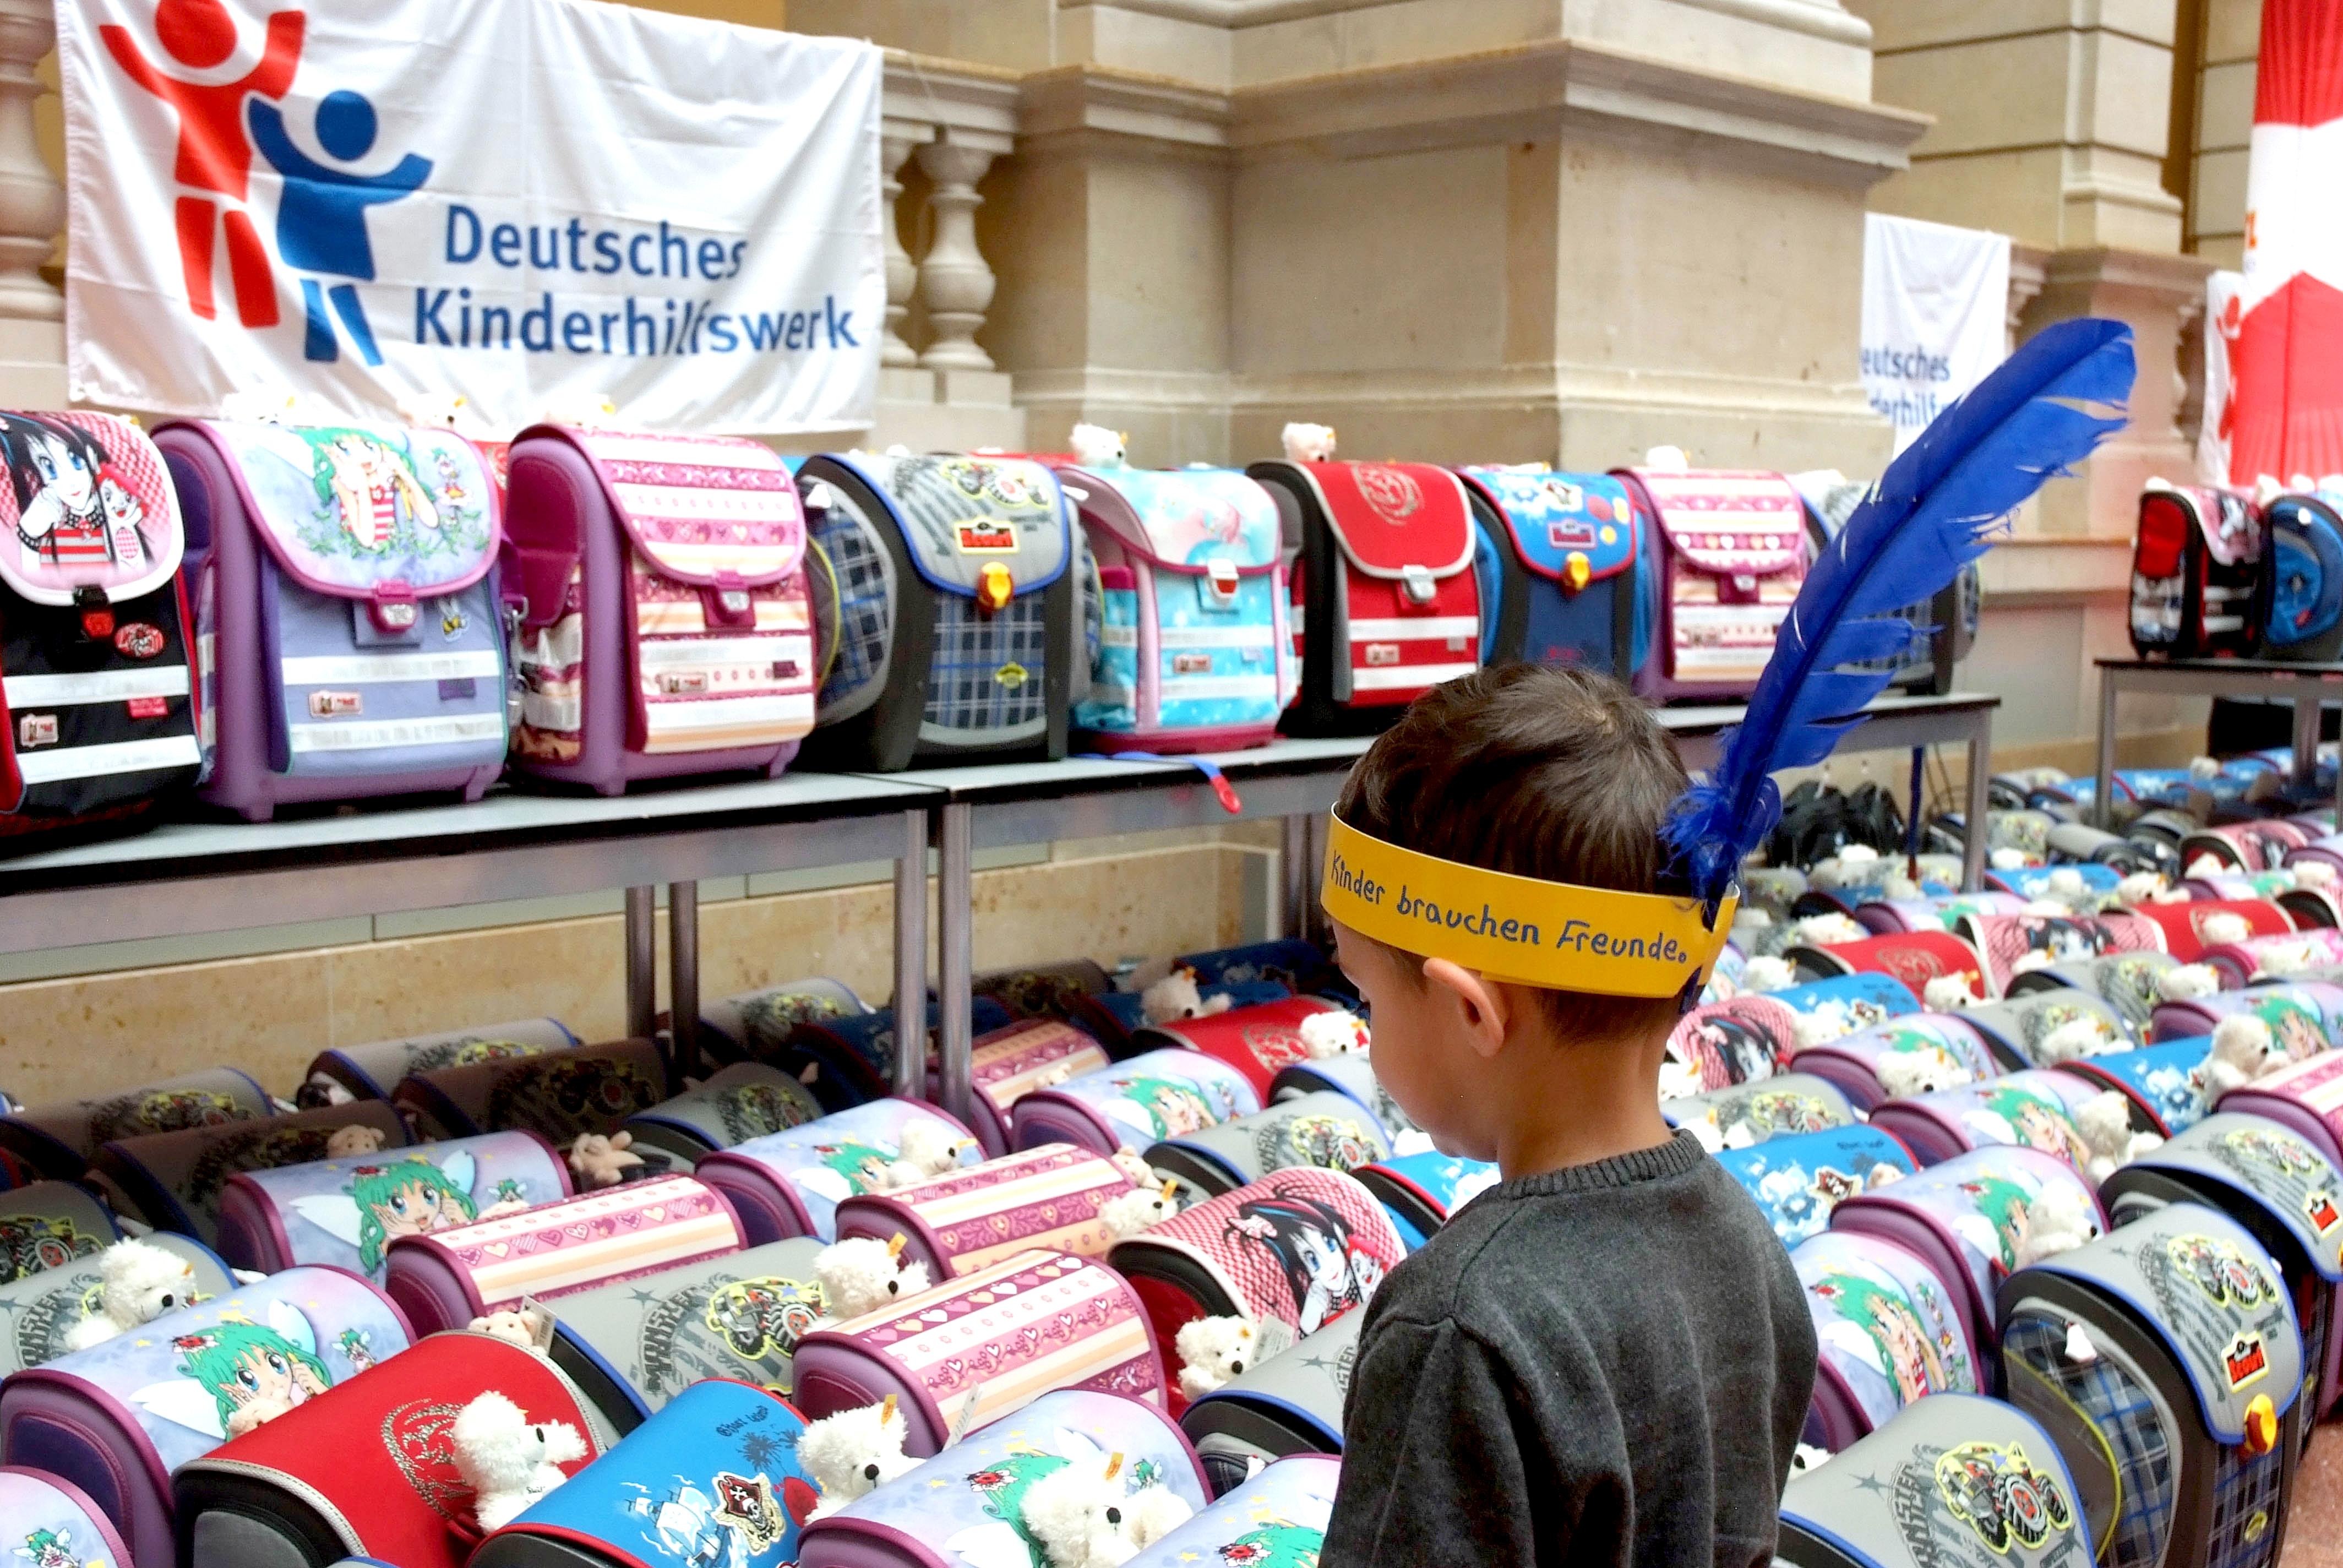 Bildungsgerechtigkeit für alle Kinder: Das Deutsche Kinderhilfswerk verteilt jedes Jahr zum Schulanfang Schulranzen, gefüllt mit Schreib- und Lesematerial, an geflüchtete Kinder.